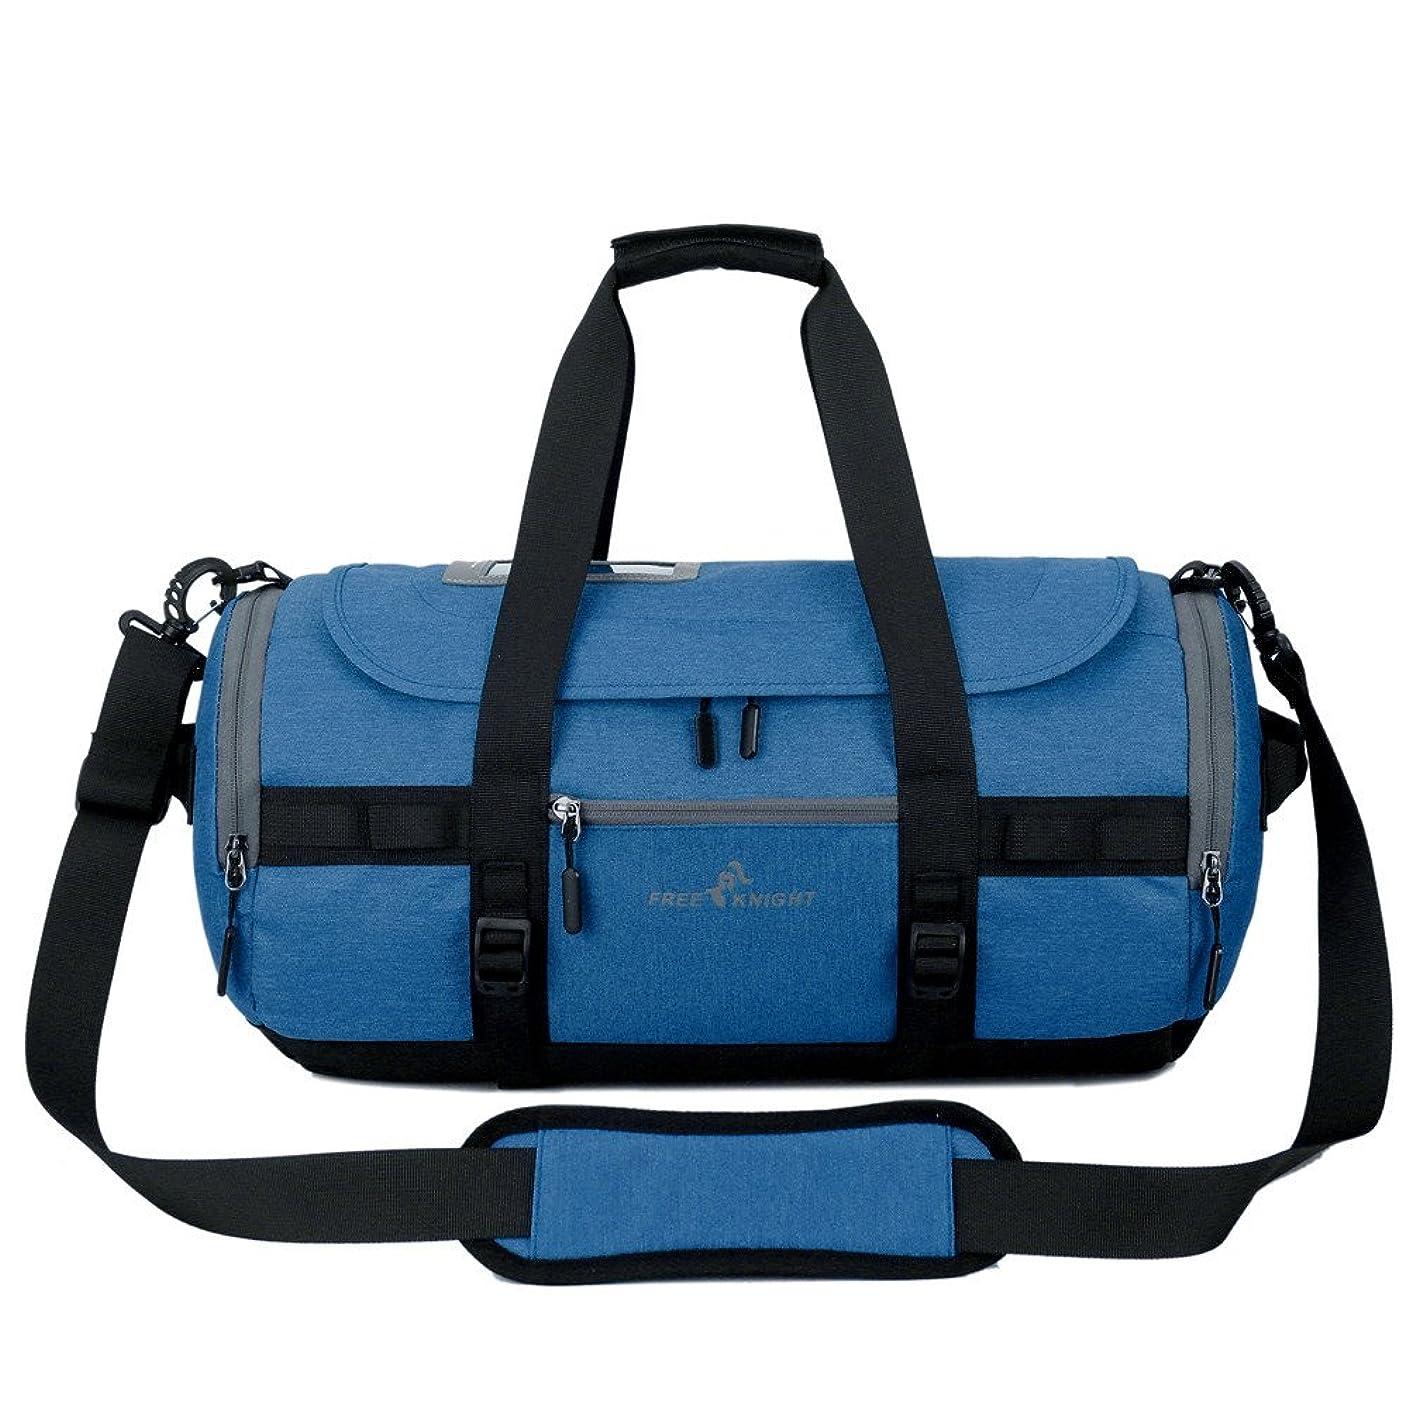 反響するごみイブスポーツバッグ 大容量 INorton 旅行バッグ トラベルバッグ 軽量 耐久性 斜め掛け 手提げ シューズ収納 男女兼用 旅行 出張用ボストンバッグ